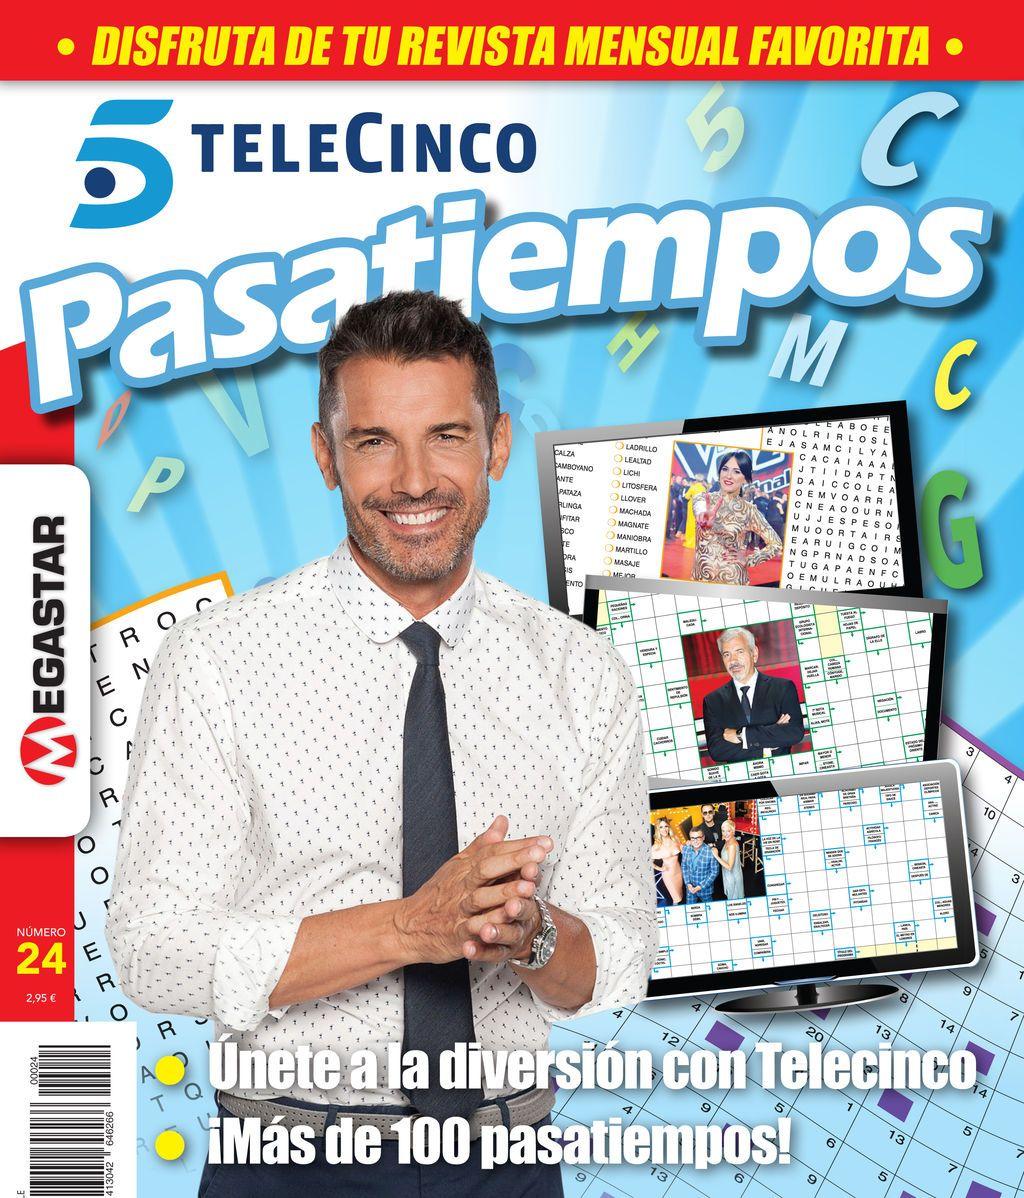 ¡Ya disponible la nueva entrega de Pasatiempos de Telecinco!